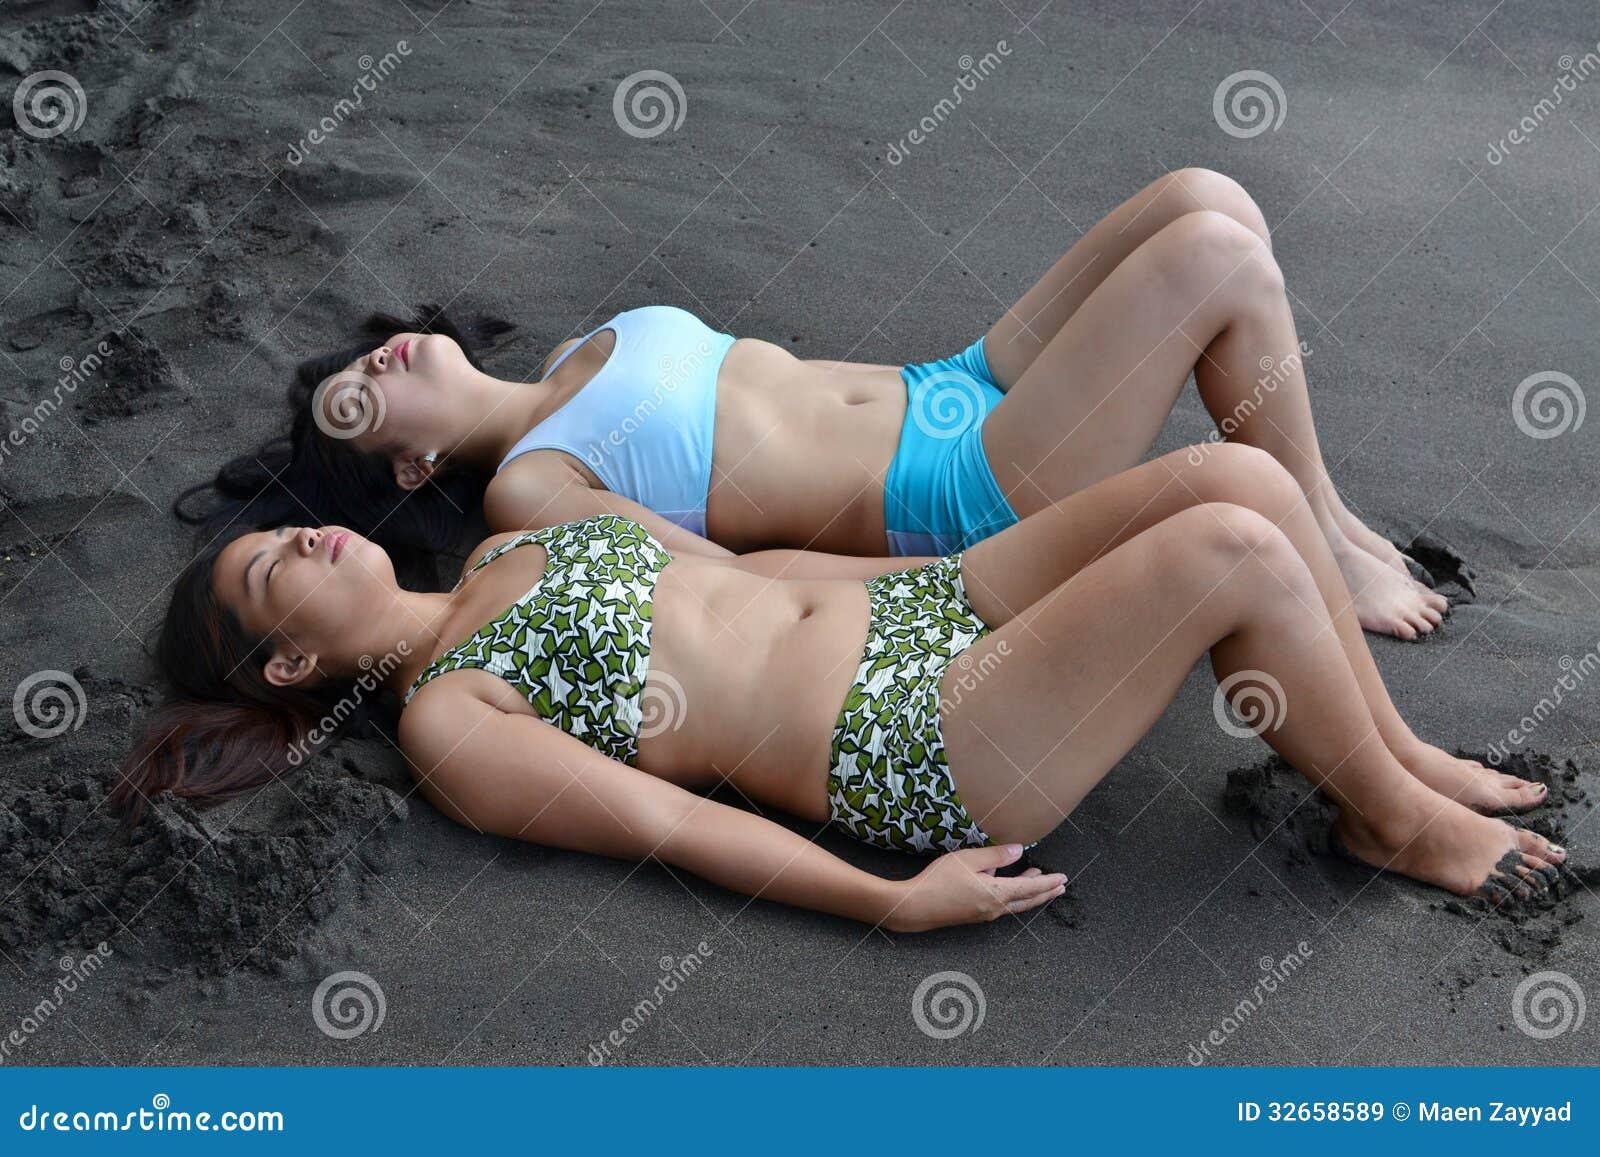 Пьяные голые девочки на пляже, Подборка: Приколы с пьяными девушками - видео 18 фотография